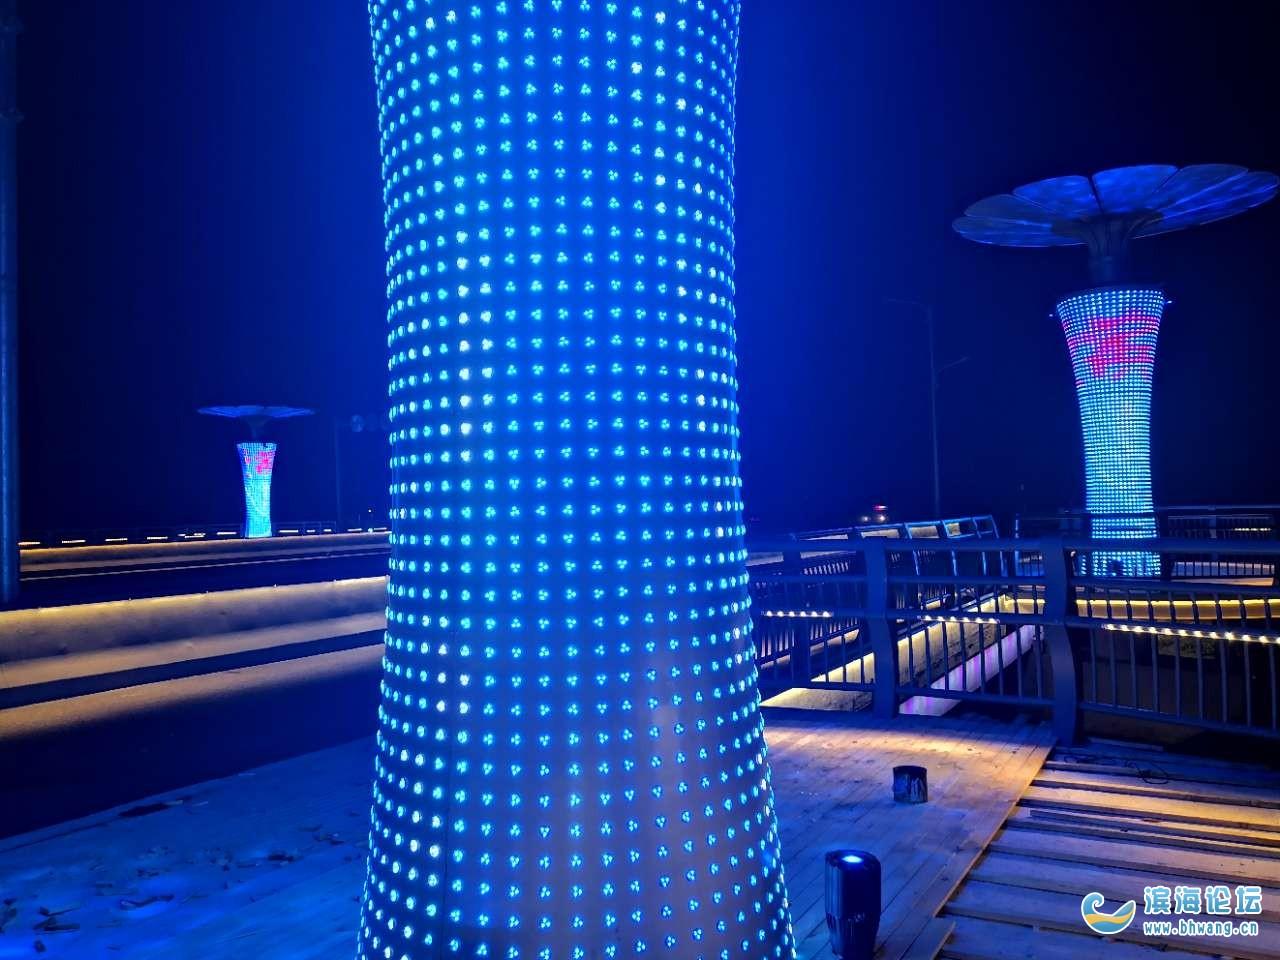 鳳亭橋上的燈柱亮起來了